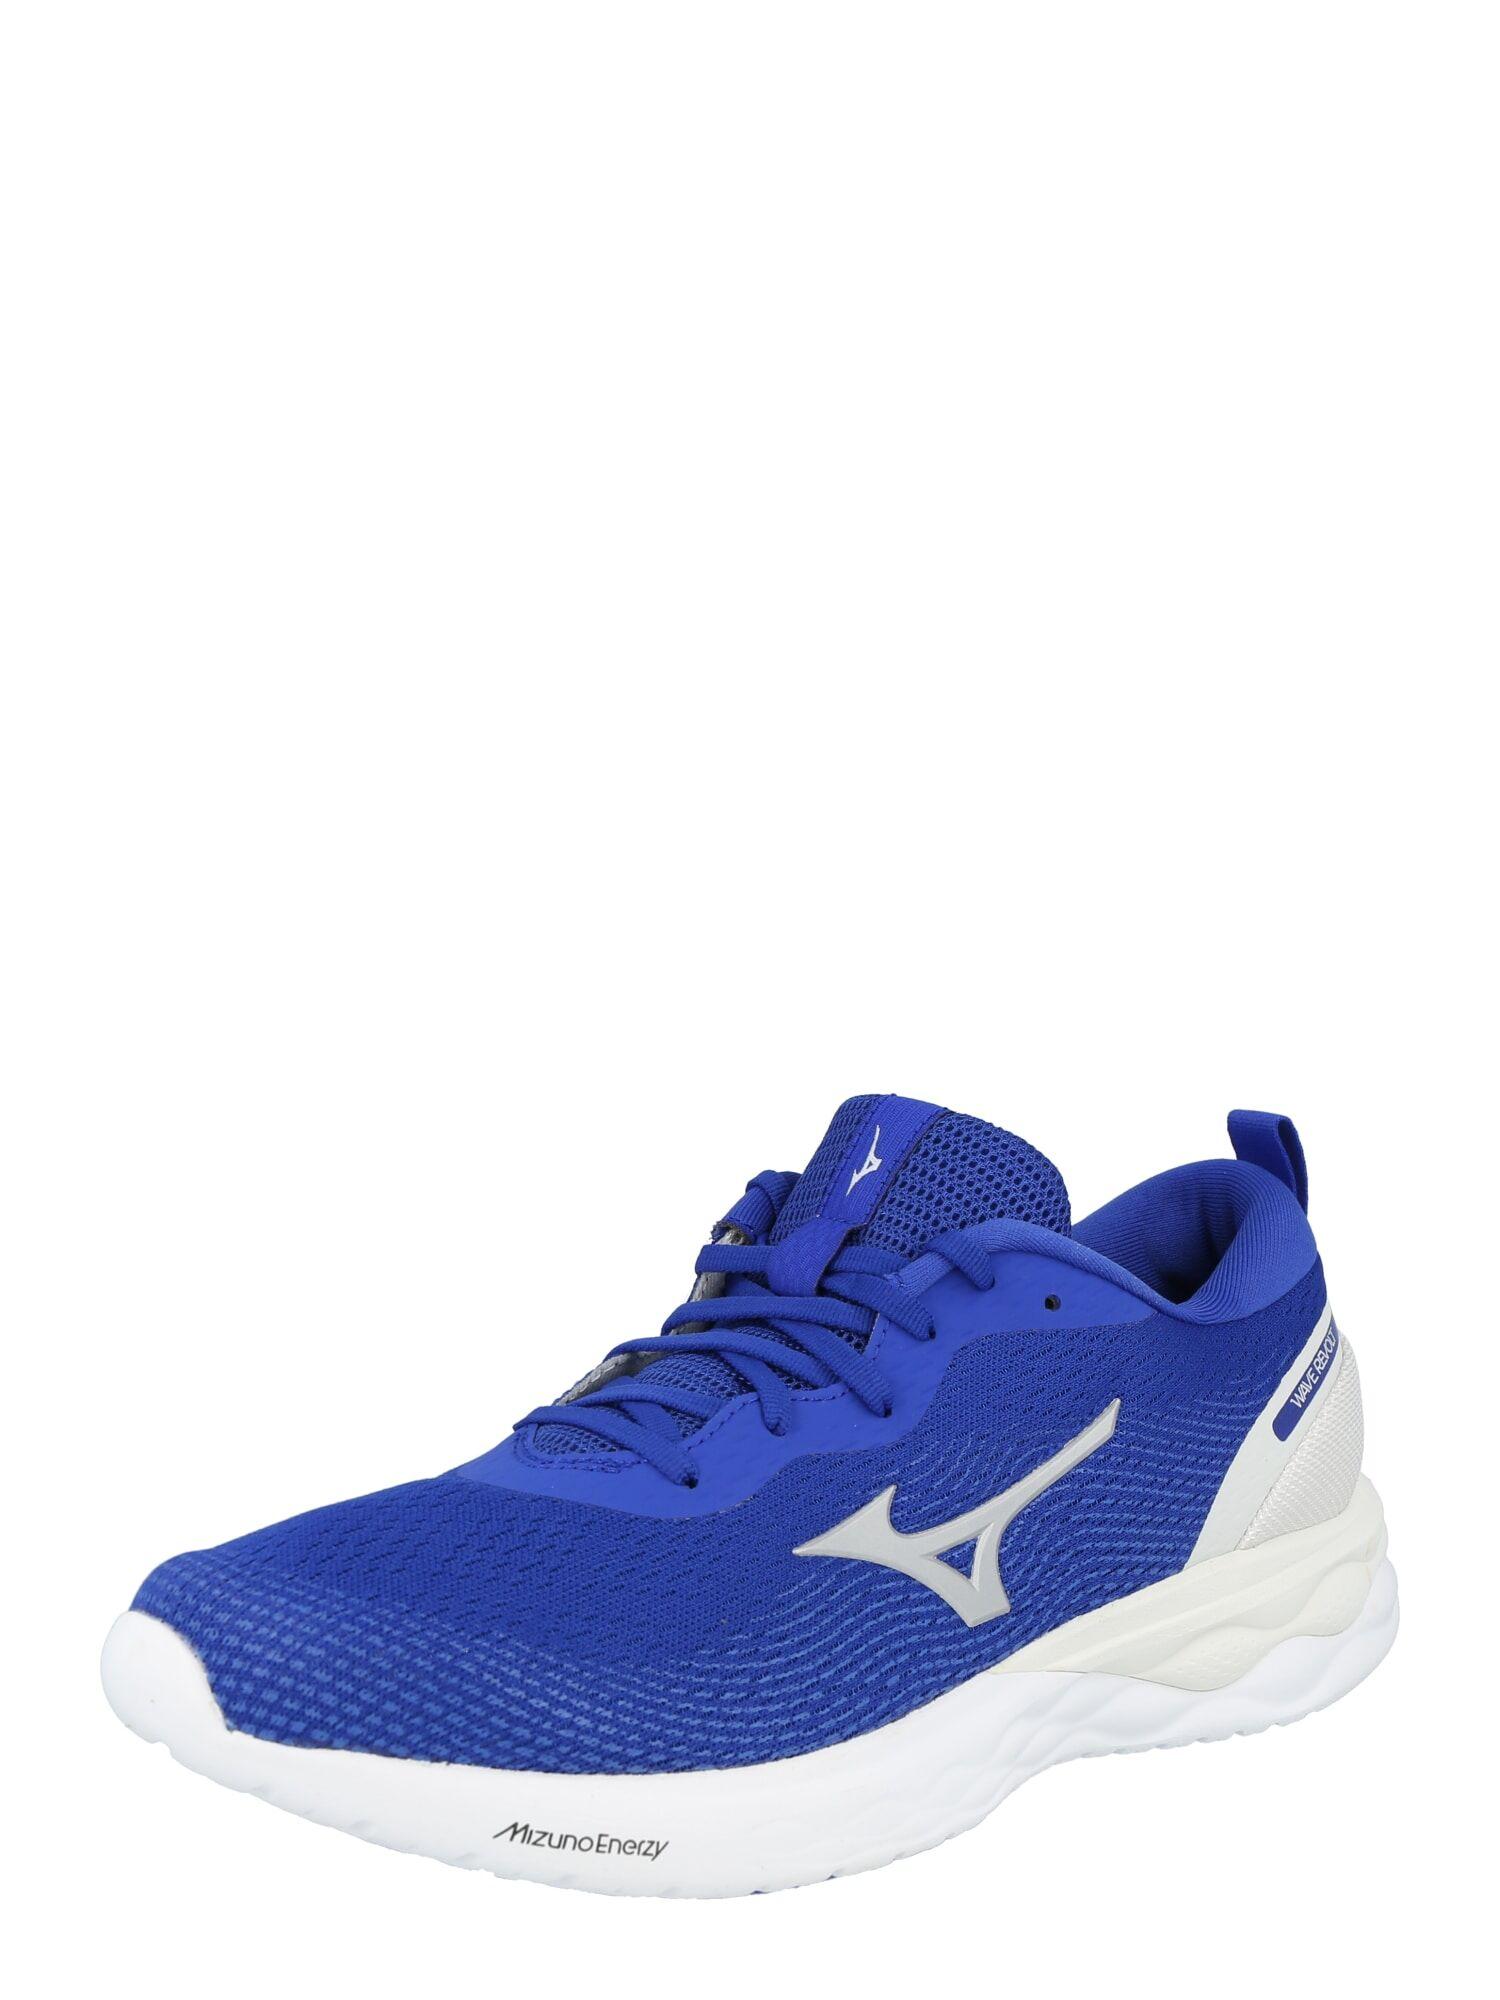 MIZUNO Chaussure de course 'WAVE REVOLT'  - Bleu - Taille: 44 - male